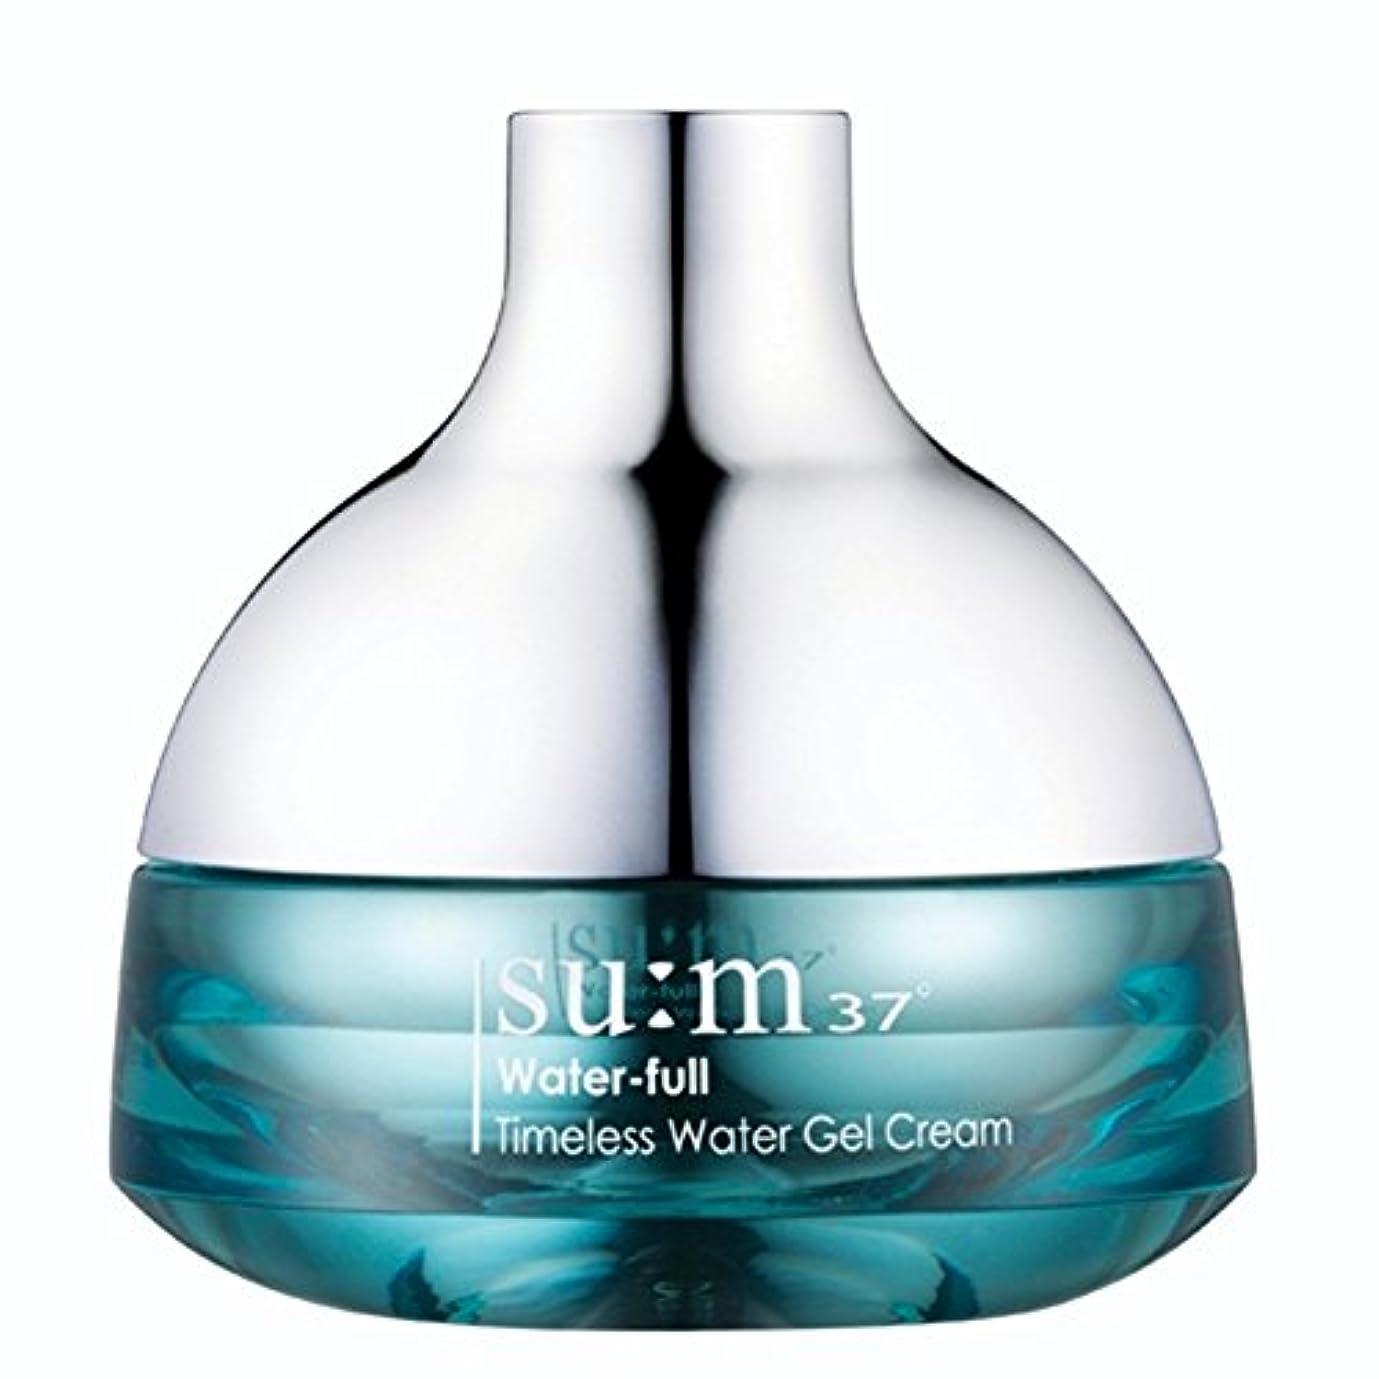 護衛シンプトン麻酔薬su:m37/スム37° スム37 ウォーターフルタイムレスウォータージェルクリーム50ml (sum 37ºWater-full Timeless Water Gel Cream 50ml + Special Gift...